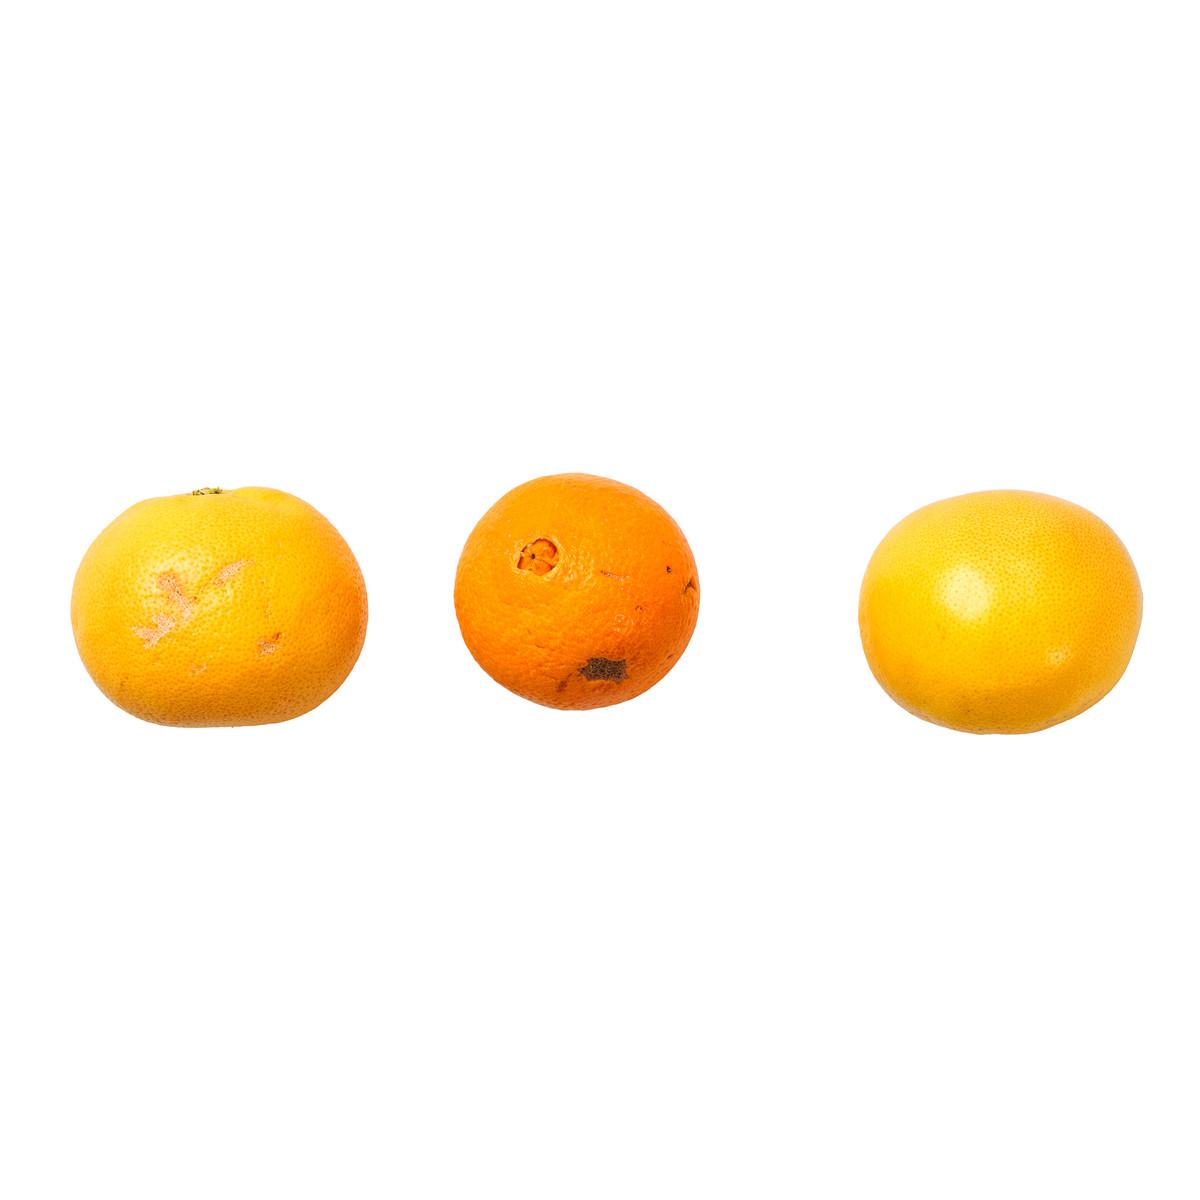 20200228_Gemüse:Obst_Freisteller_23.jpg